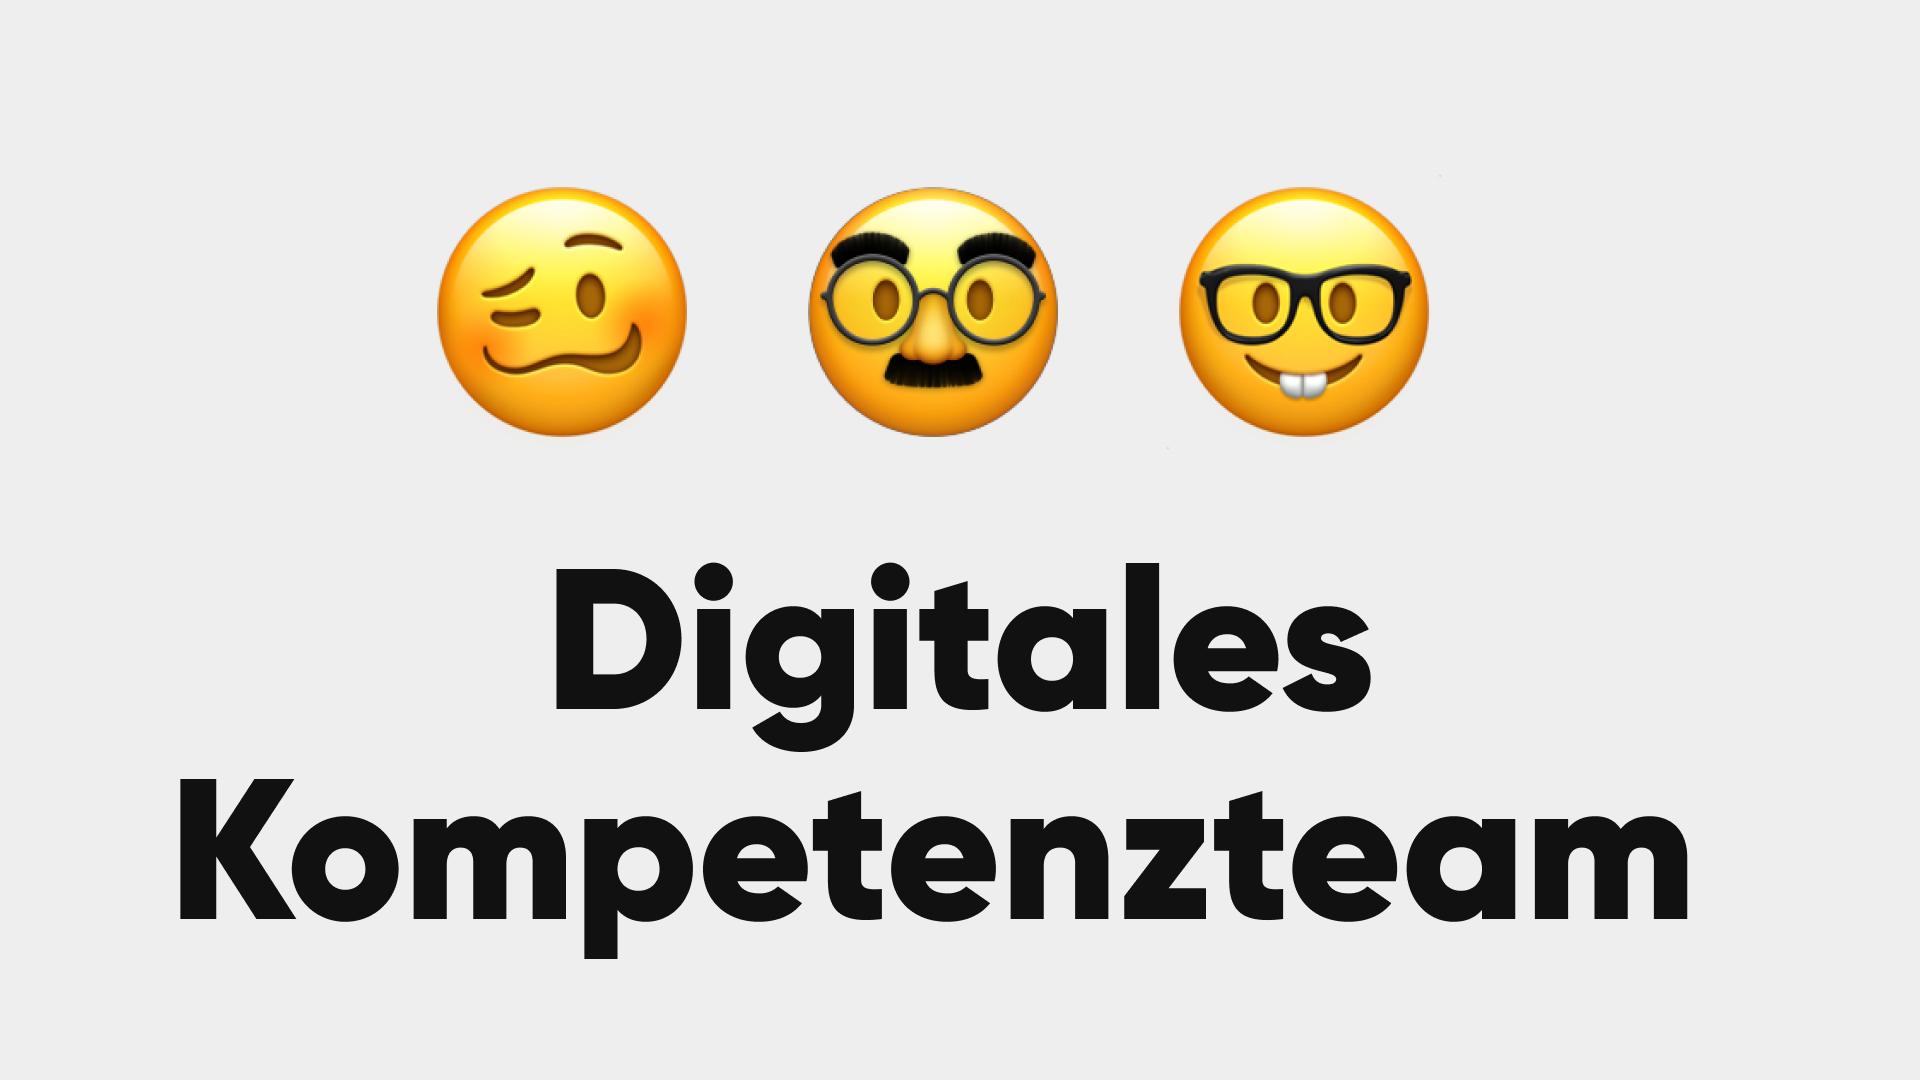 Drei Gesichter, darunter der Schriftzug Digitales Kompetenzteam.